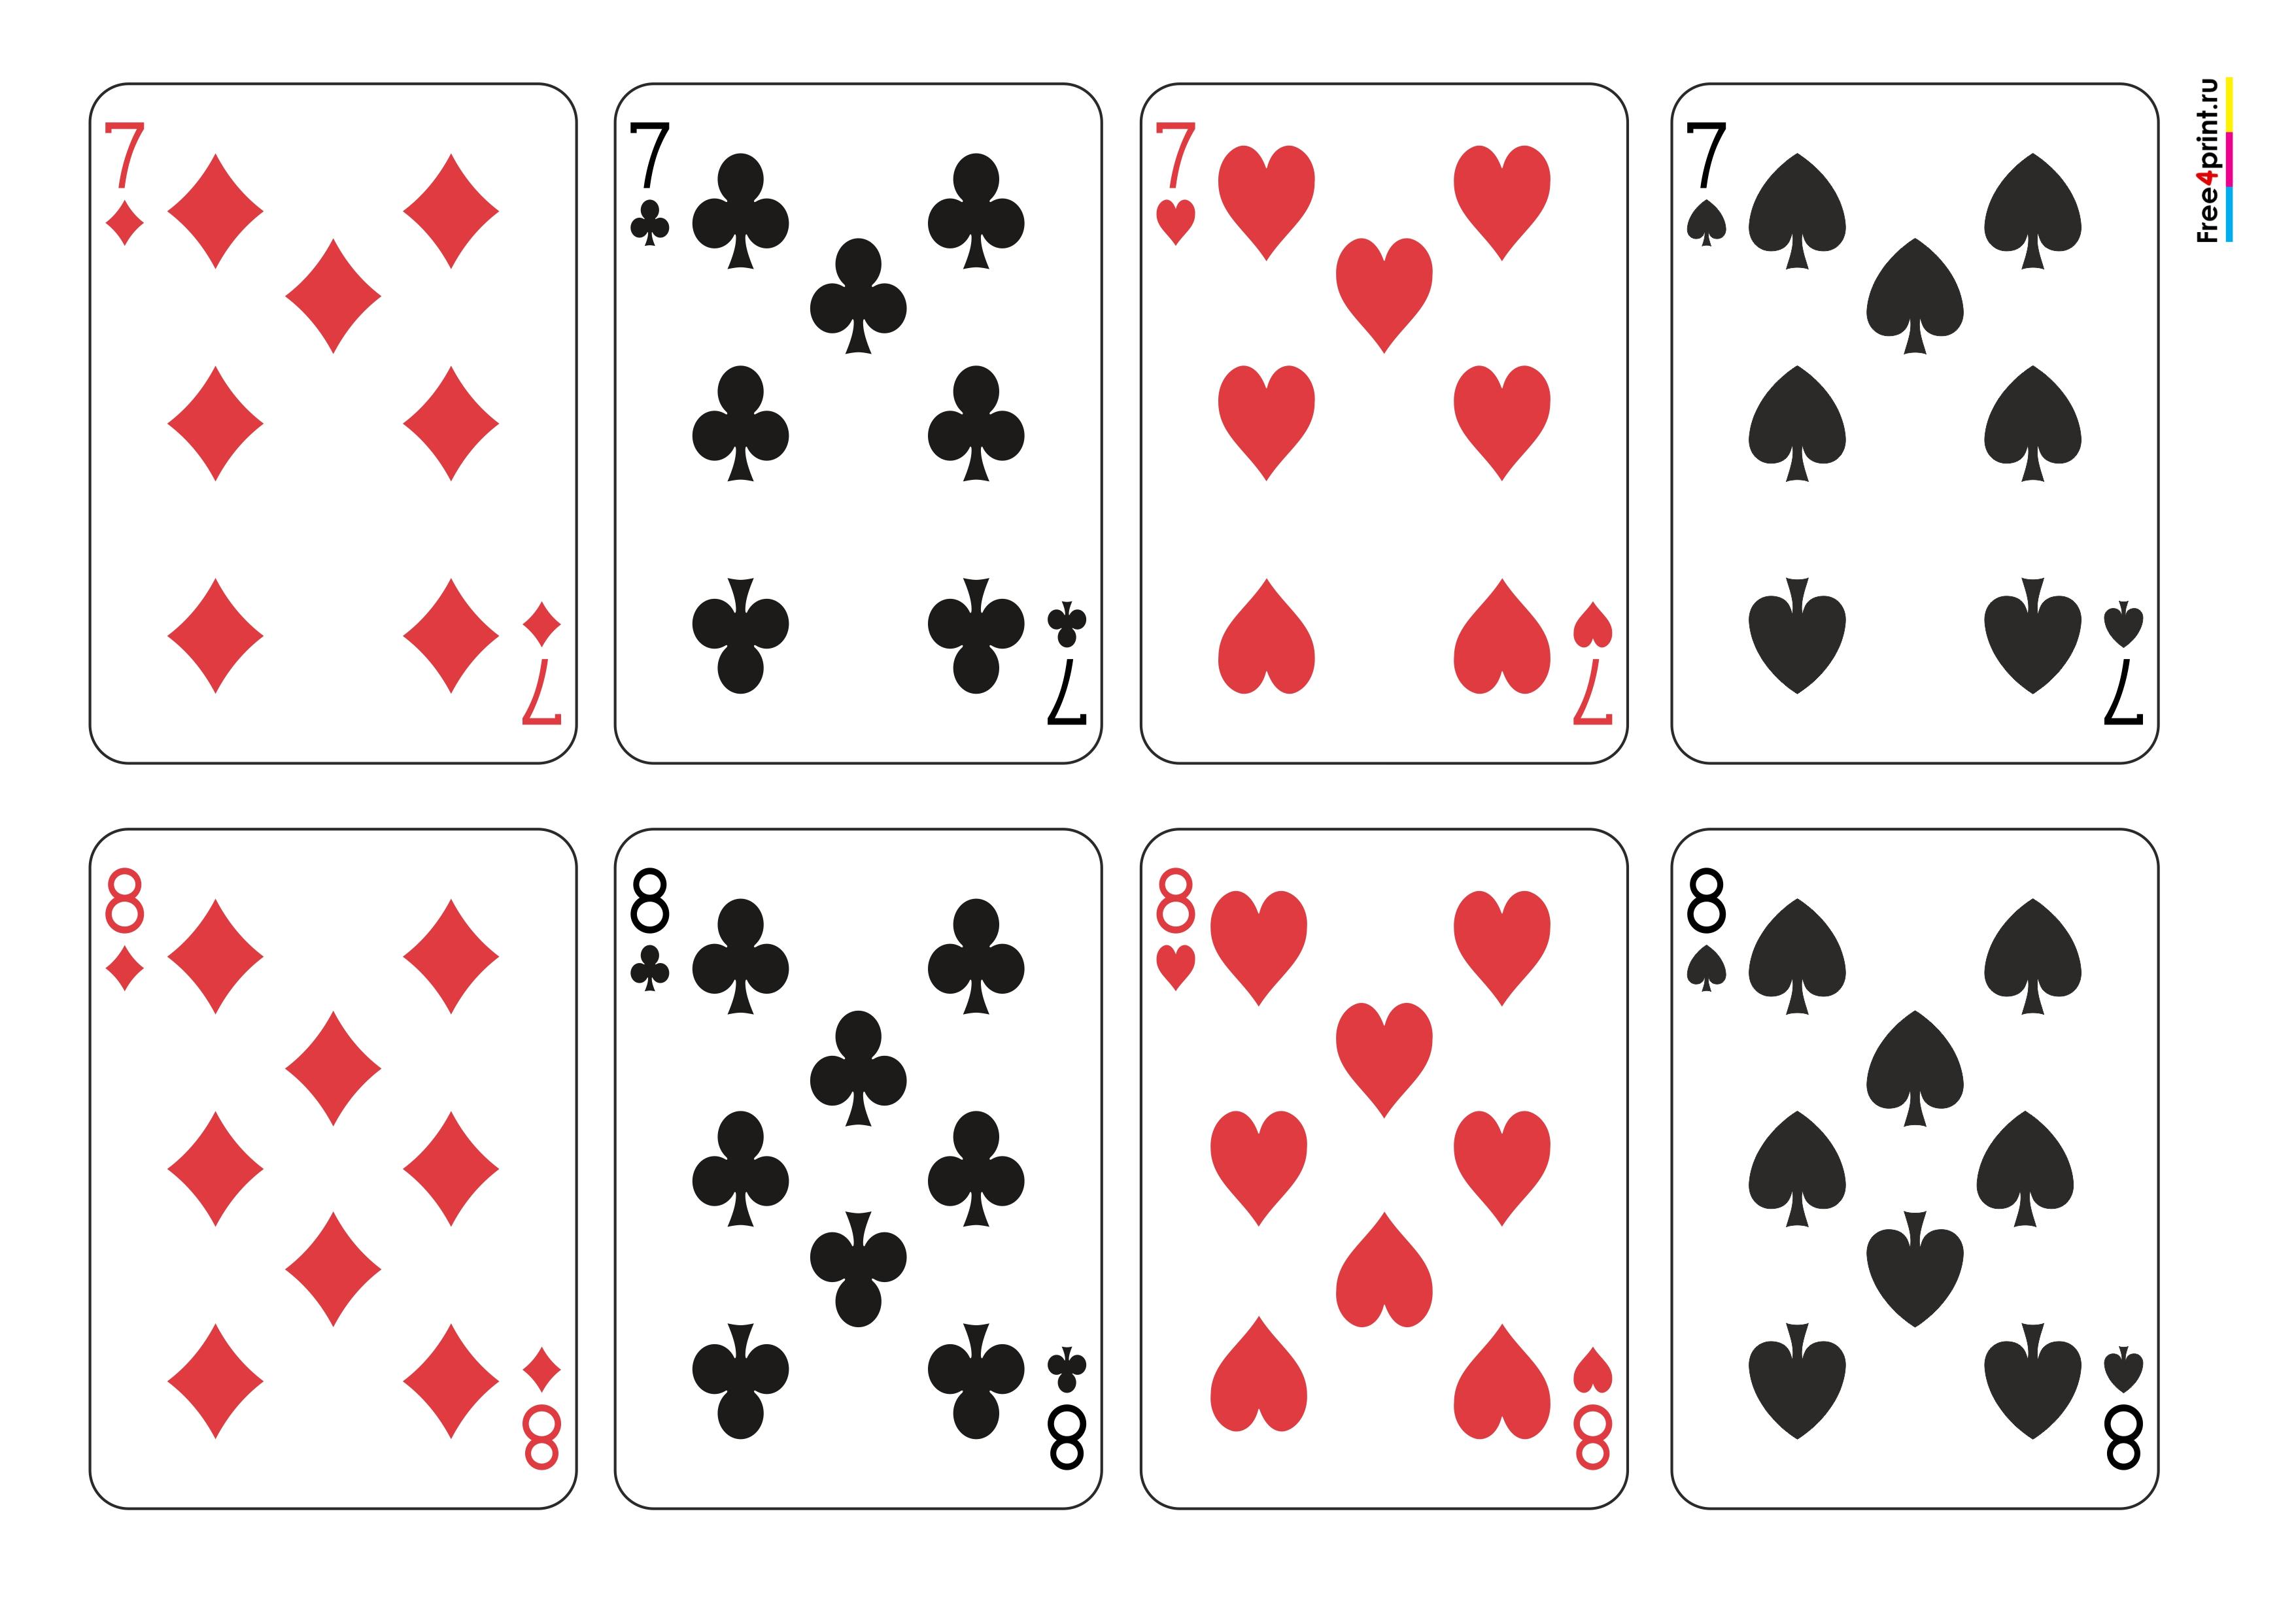 игральные карты покер